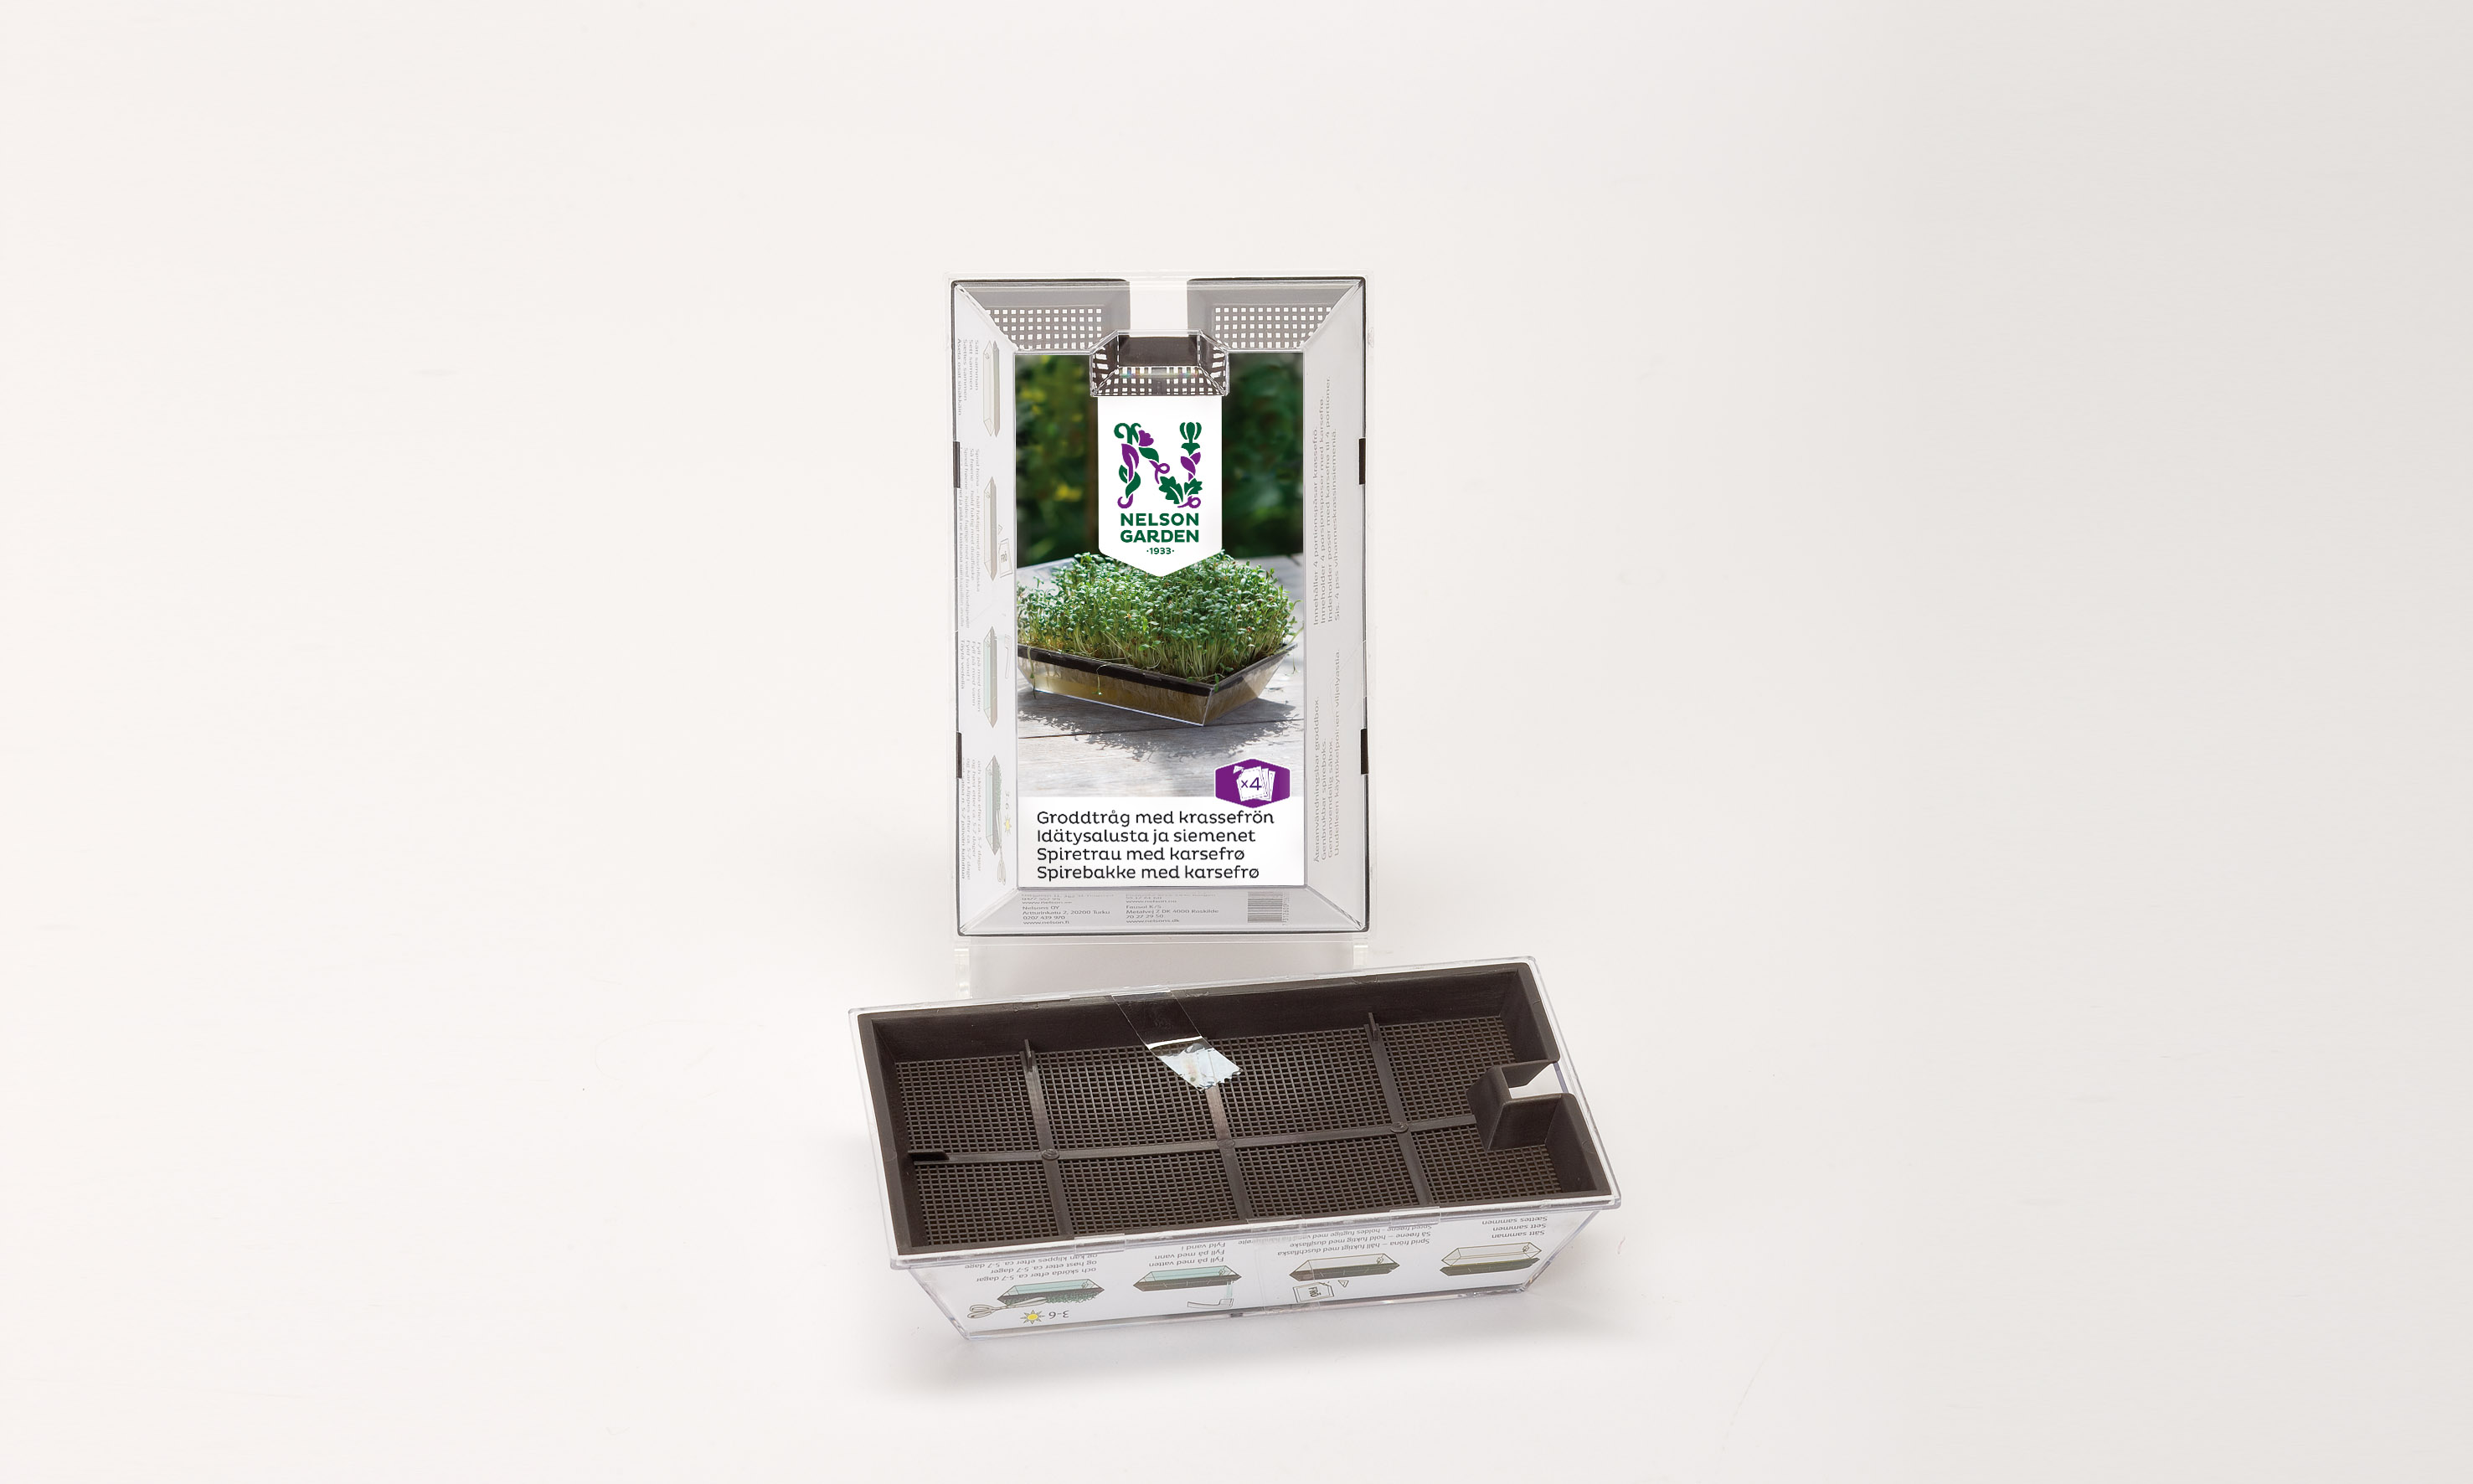 Produktbild på Groddtråg med krassefrön